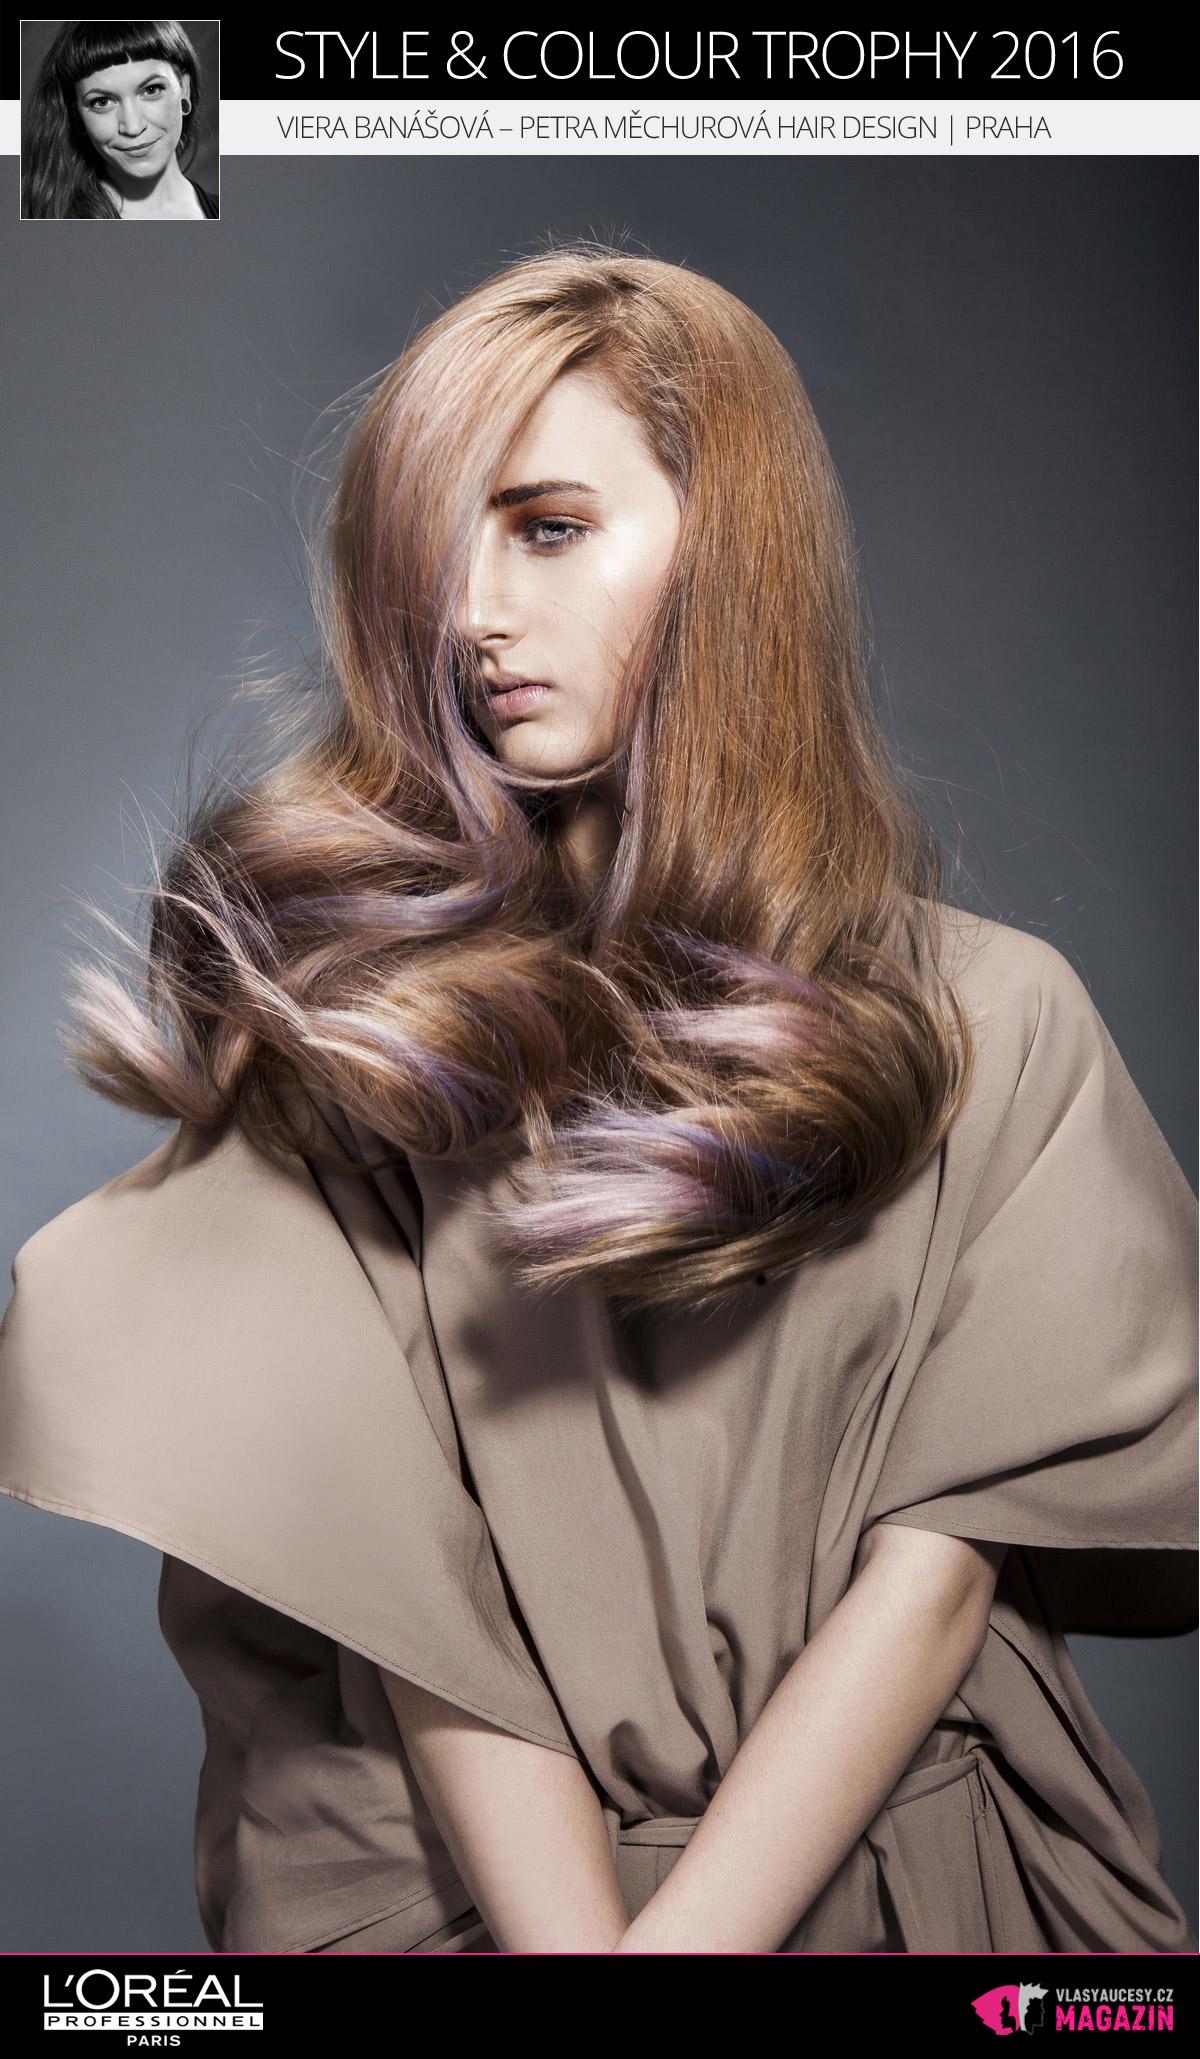 Viera Banášová – Salon Petra Měchurová, Praha   L'Oréal Style & Colour Trophy 2016